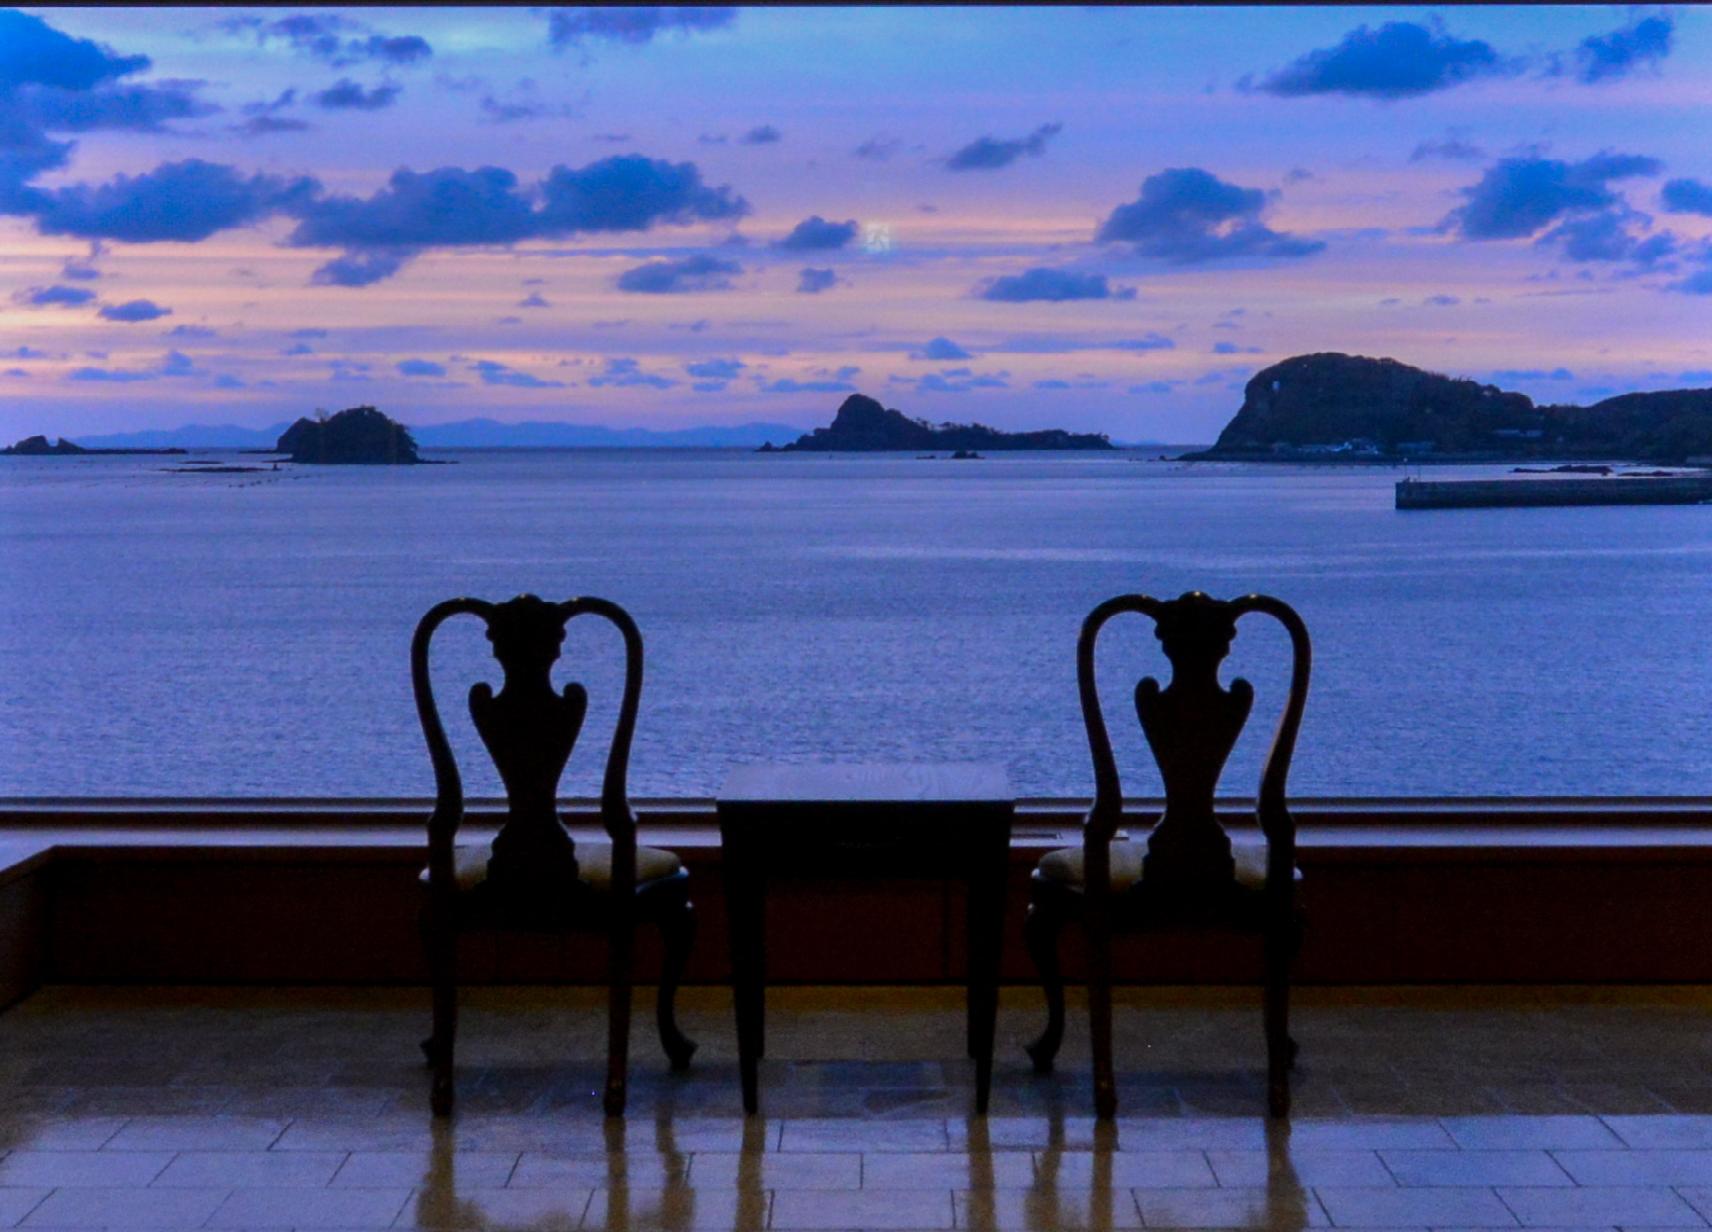 全室露天風呂付オーシャンビューの高級リゾートホテル 壱岐リトリート海里村上-7